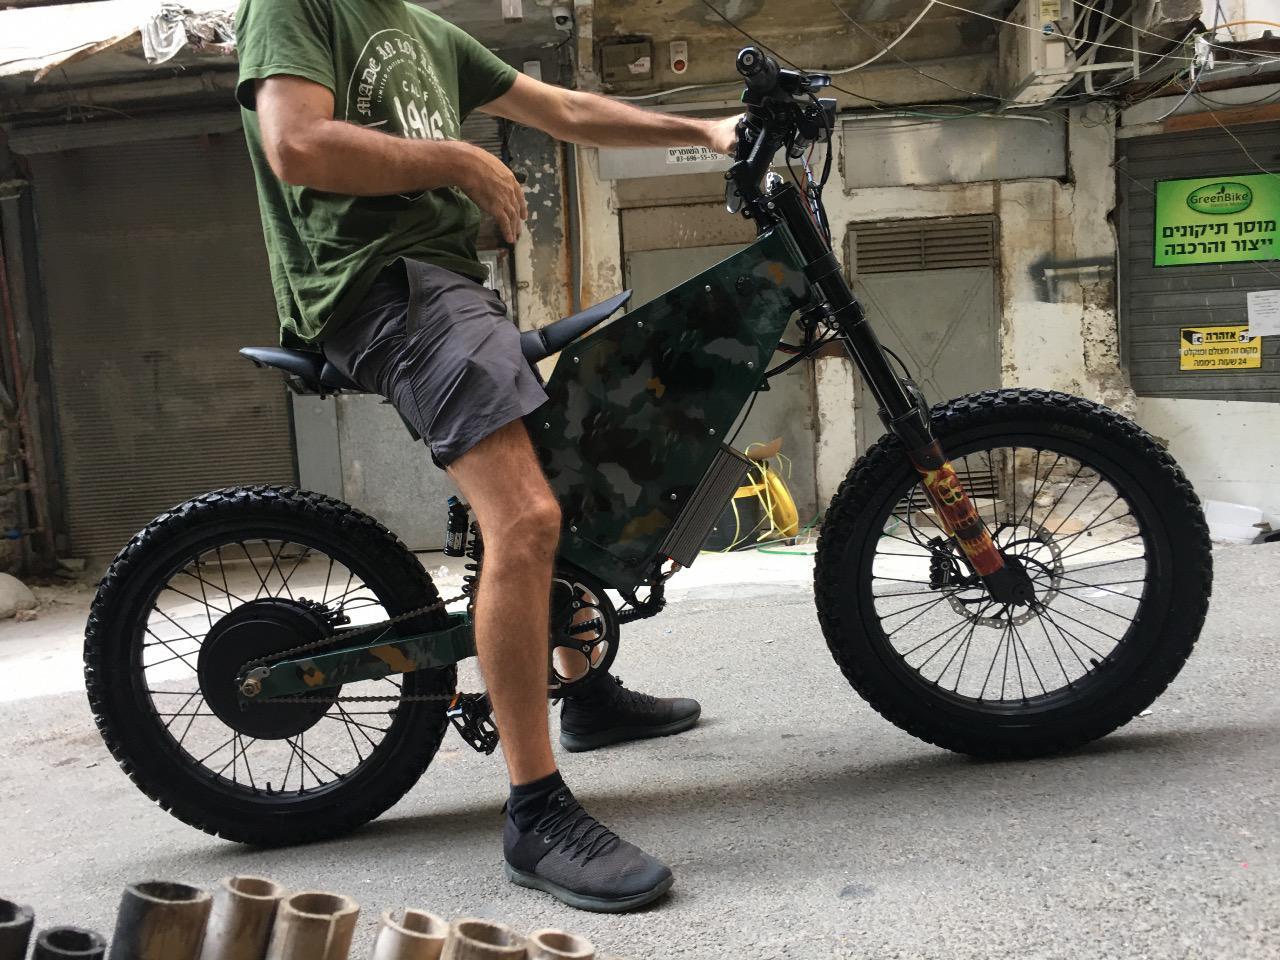 תמונות Pimp my bike